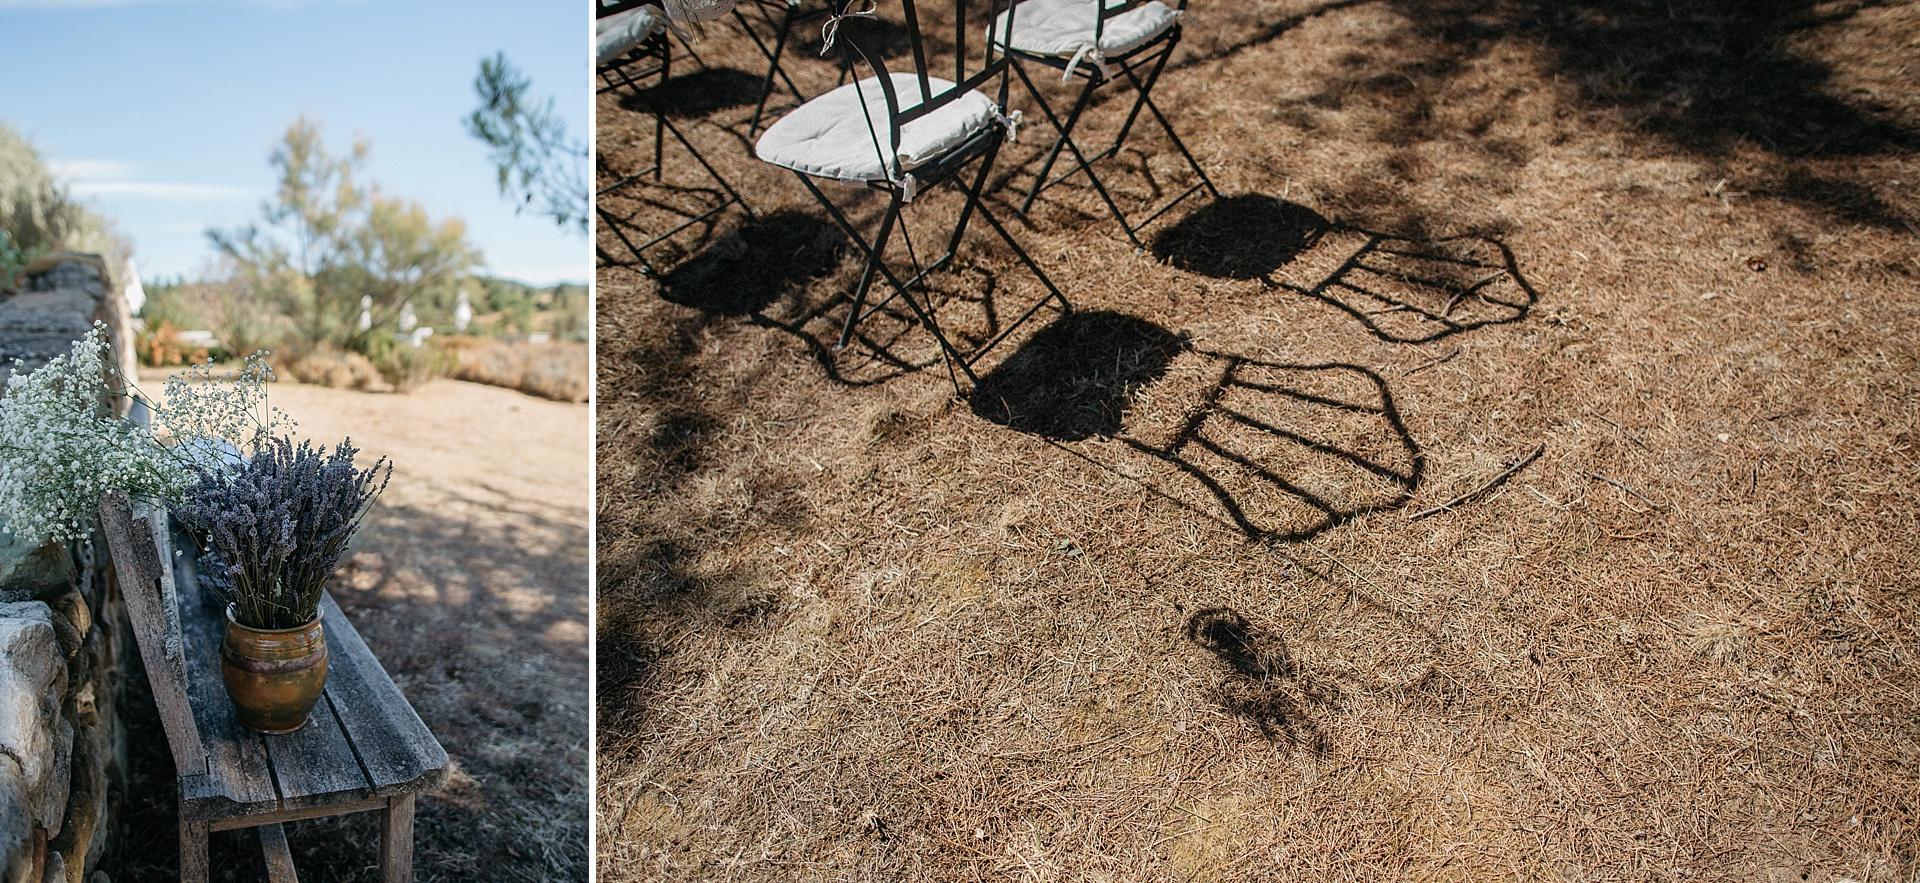 Traumhafte Hochzeit in der Provence. DIY. Mit viel Liebe zum Detail.